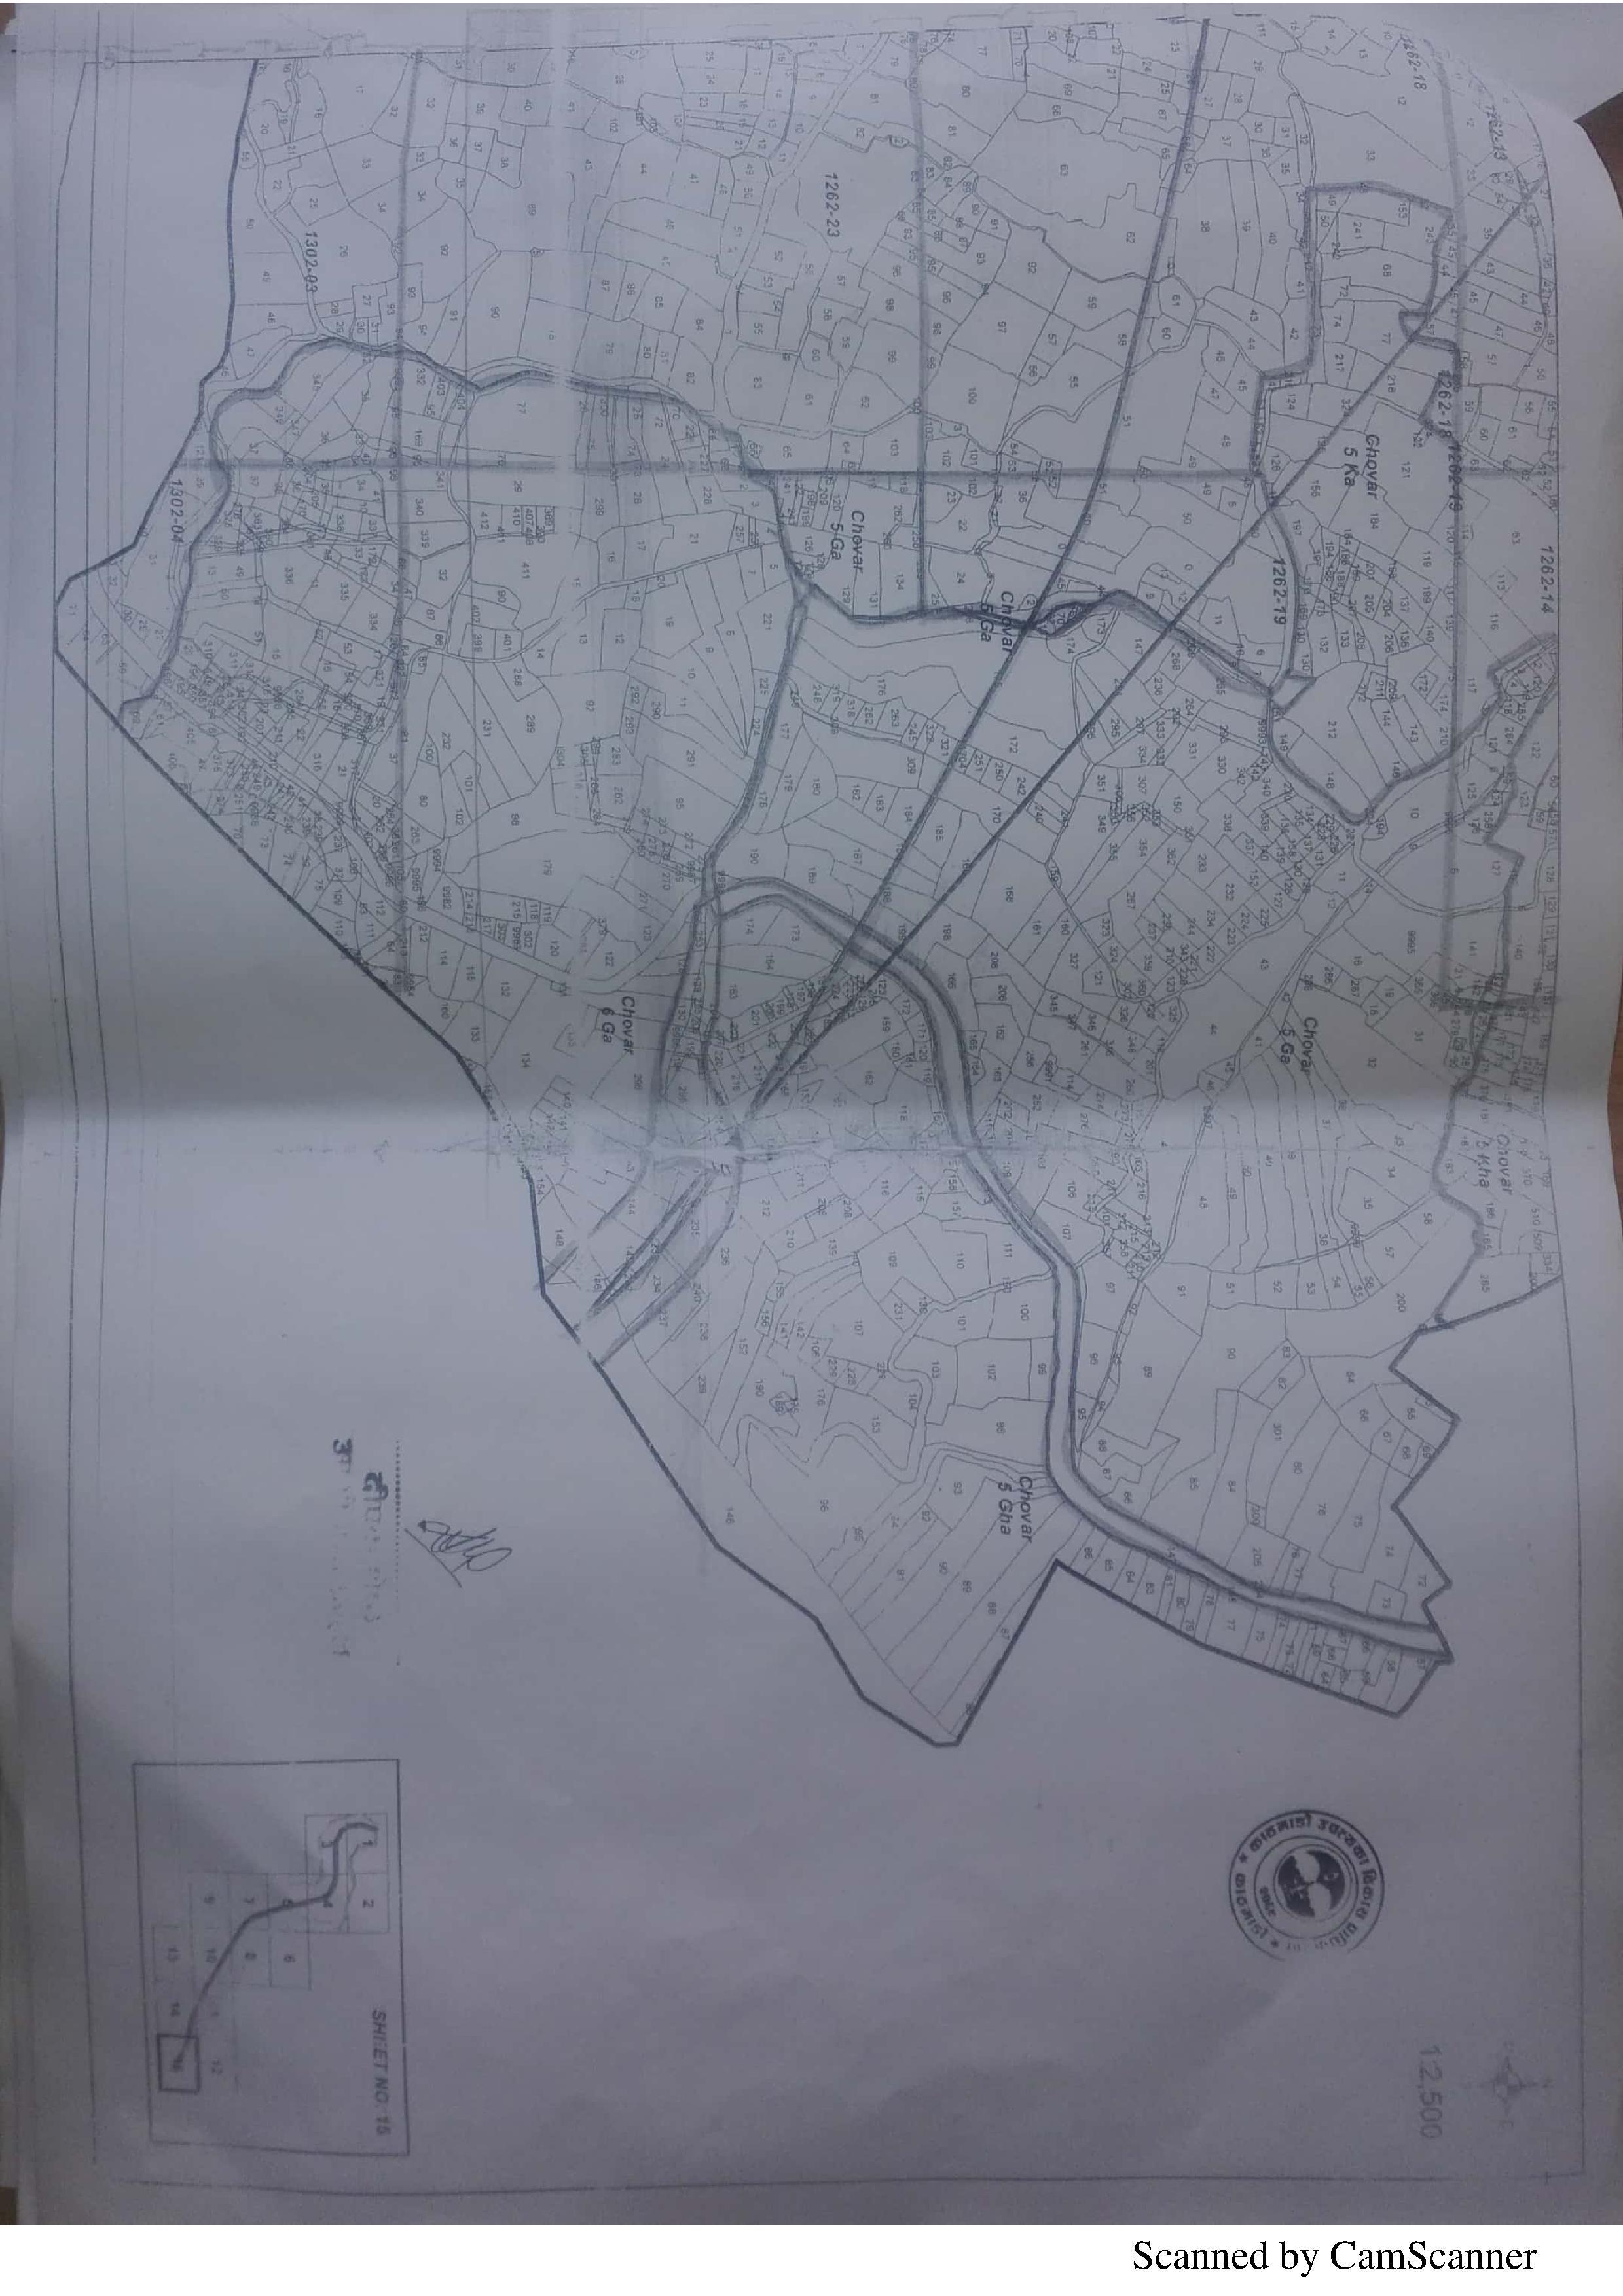 Chandragirinews outer-ring-road-14 बाहिरी चक्रपथको डि.पि.आर. (कित्ता न. सहित) तीनथाना दहचोक नगरपालिका नैकाप नयाँ भन्ज्यांग नैकाप पुरानो भन्ज्यांग बोसिंगाउँ ब्रेकिंग न्युज मछेगाउँ मातातिर्थ मुख्य राष्ट्रिय सतुंगल    chandragiri